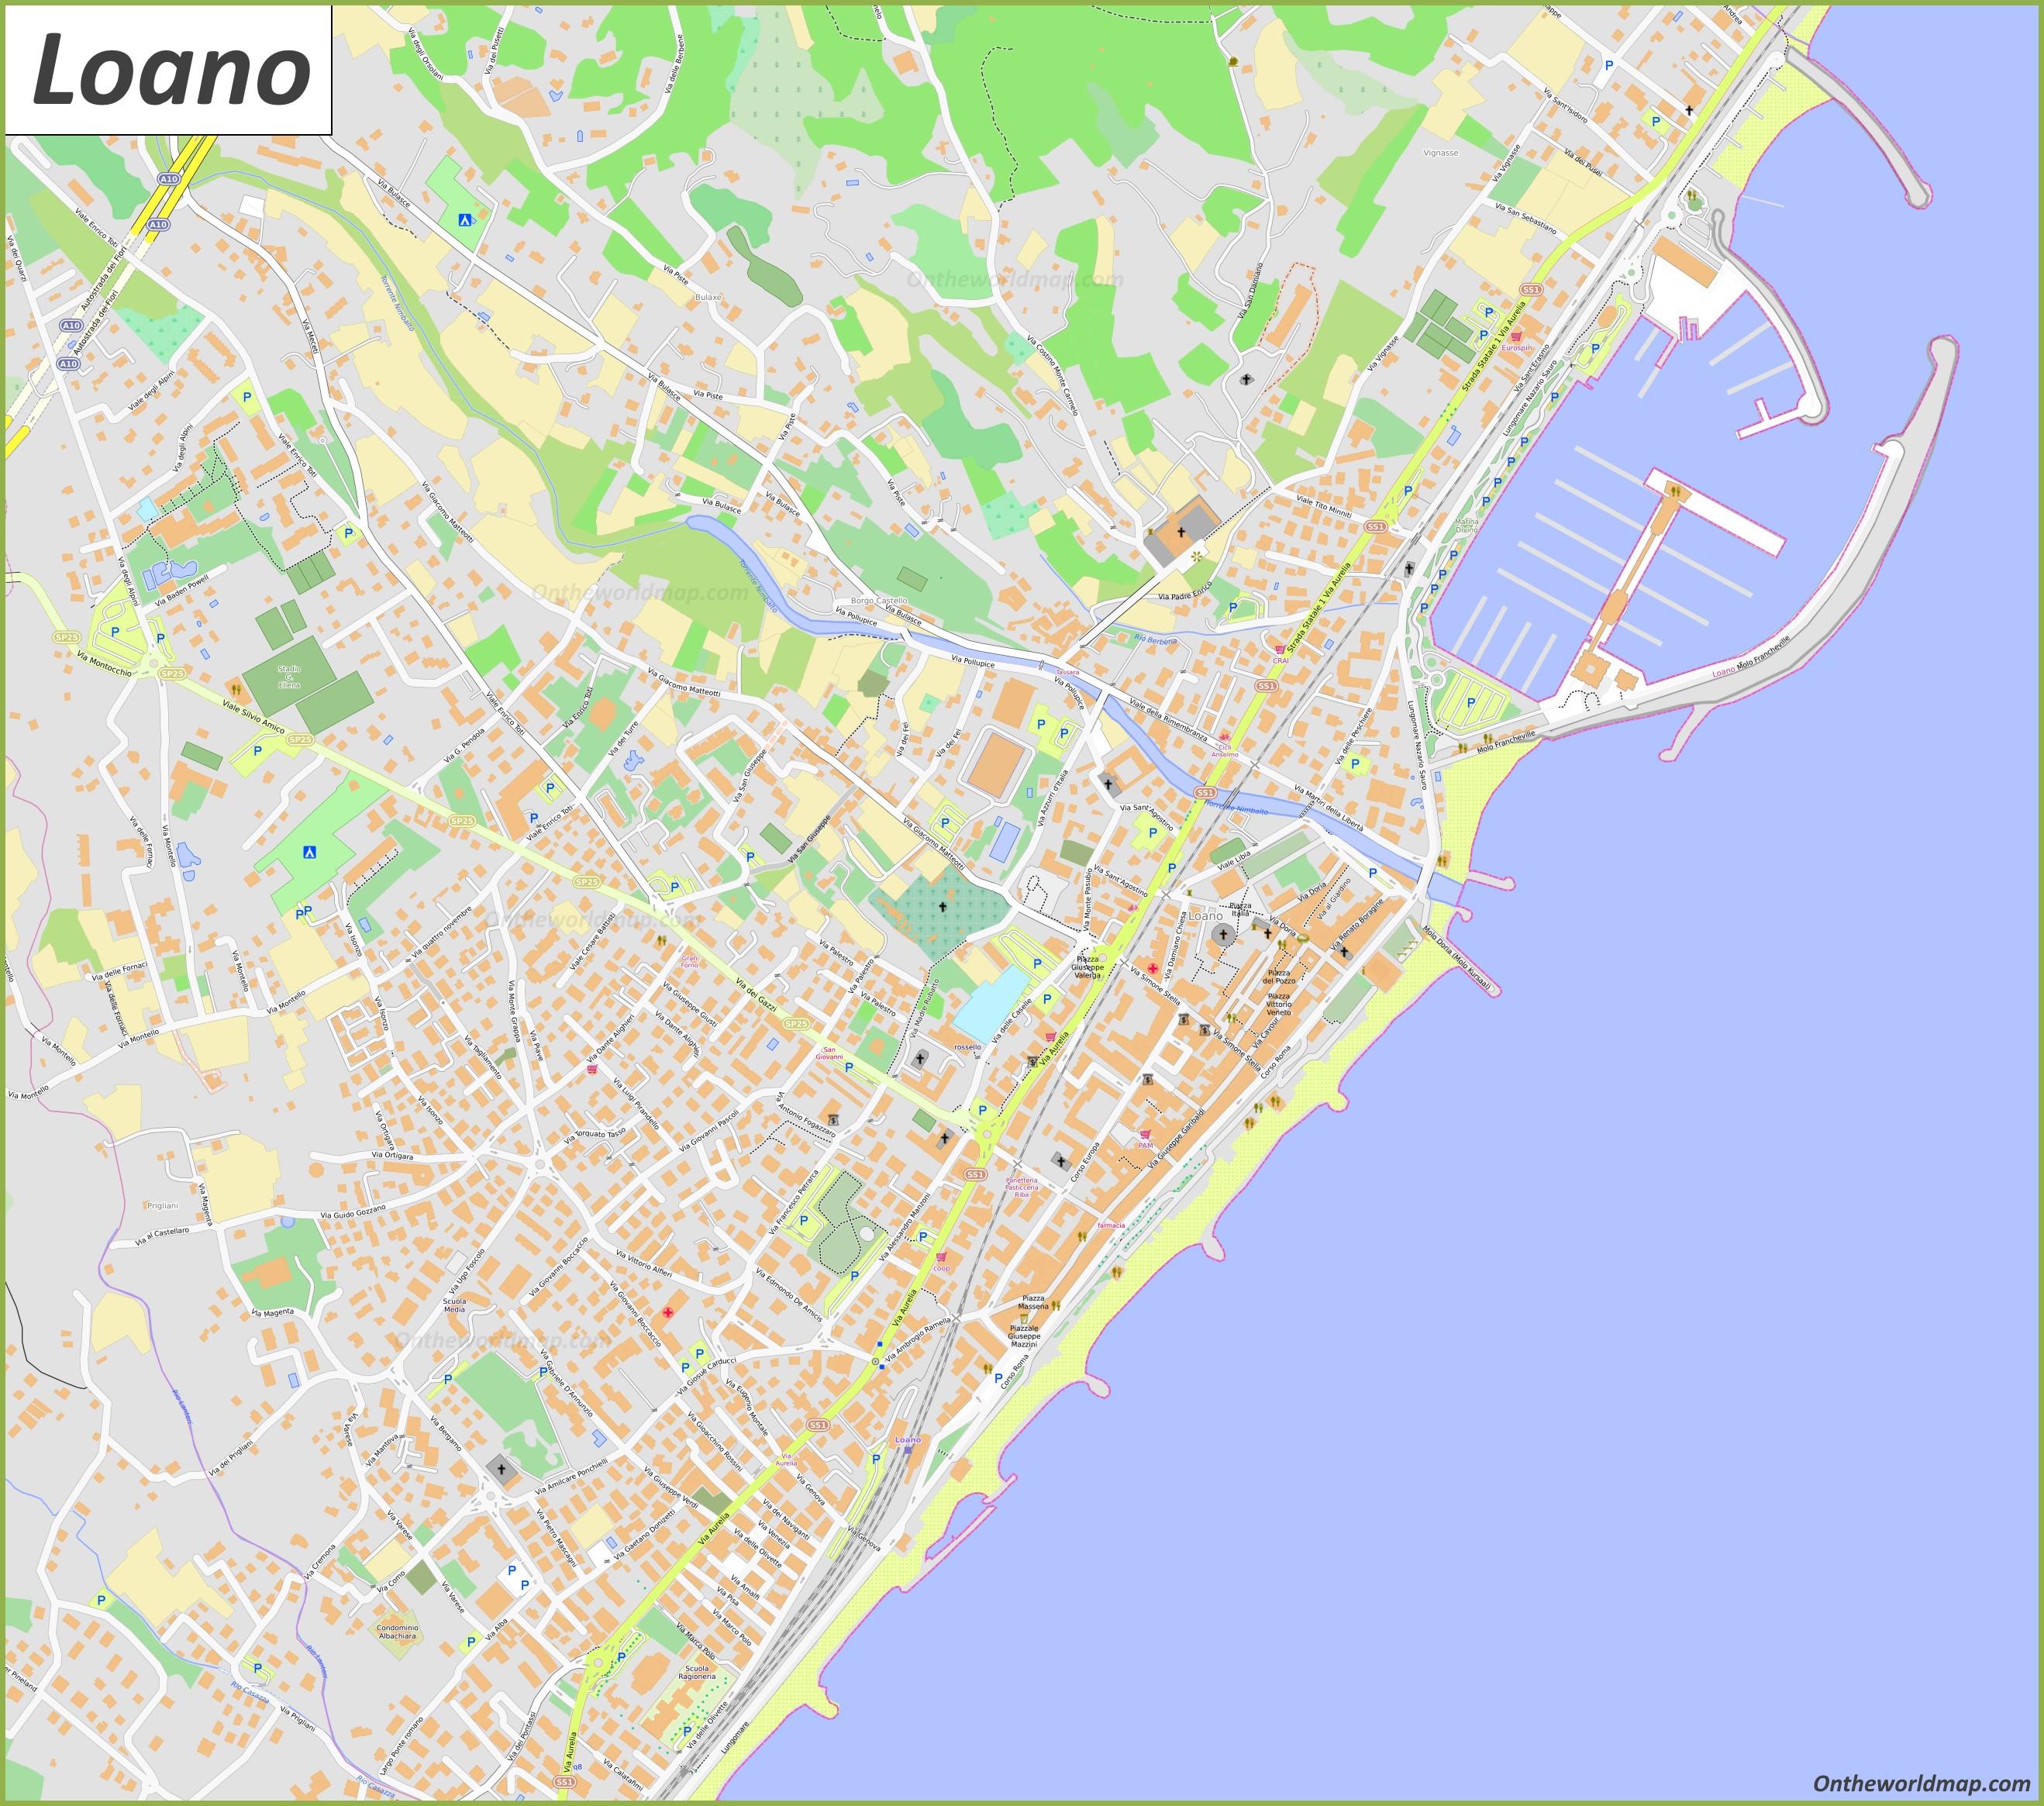 Cartina Barcellona Dettagliata.Mappa Dettagliata Di Loano